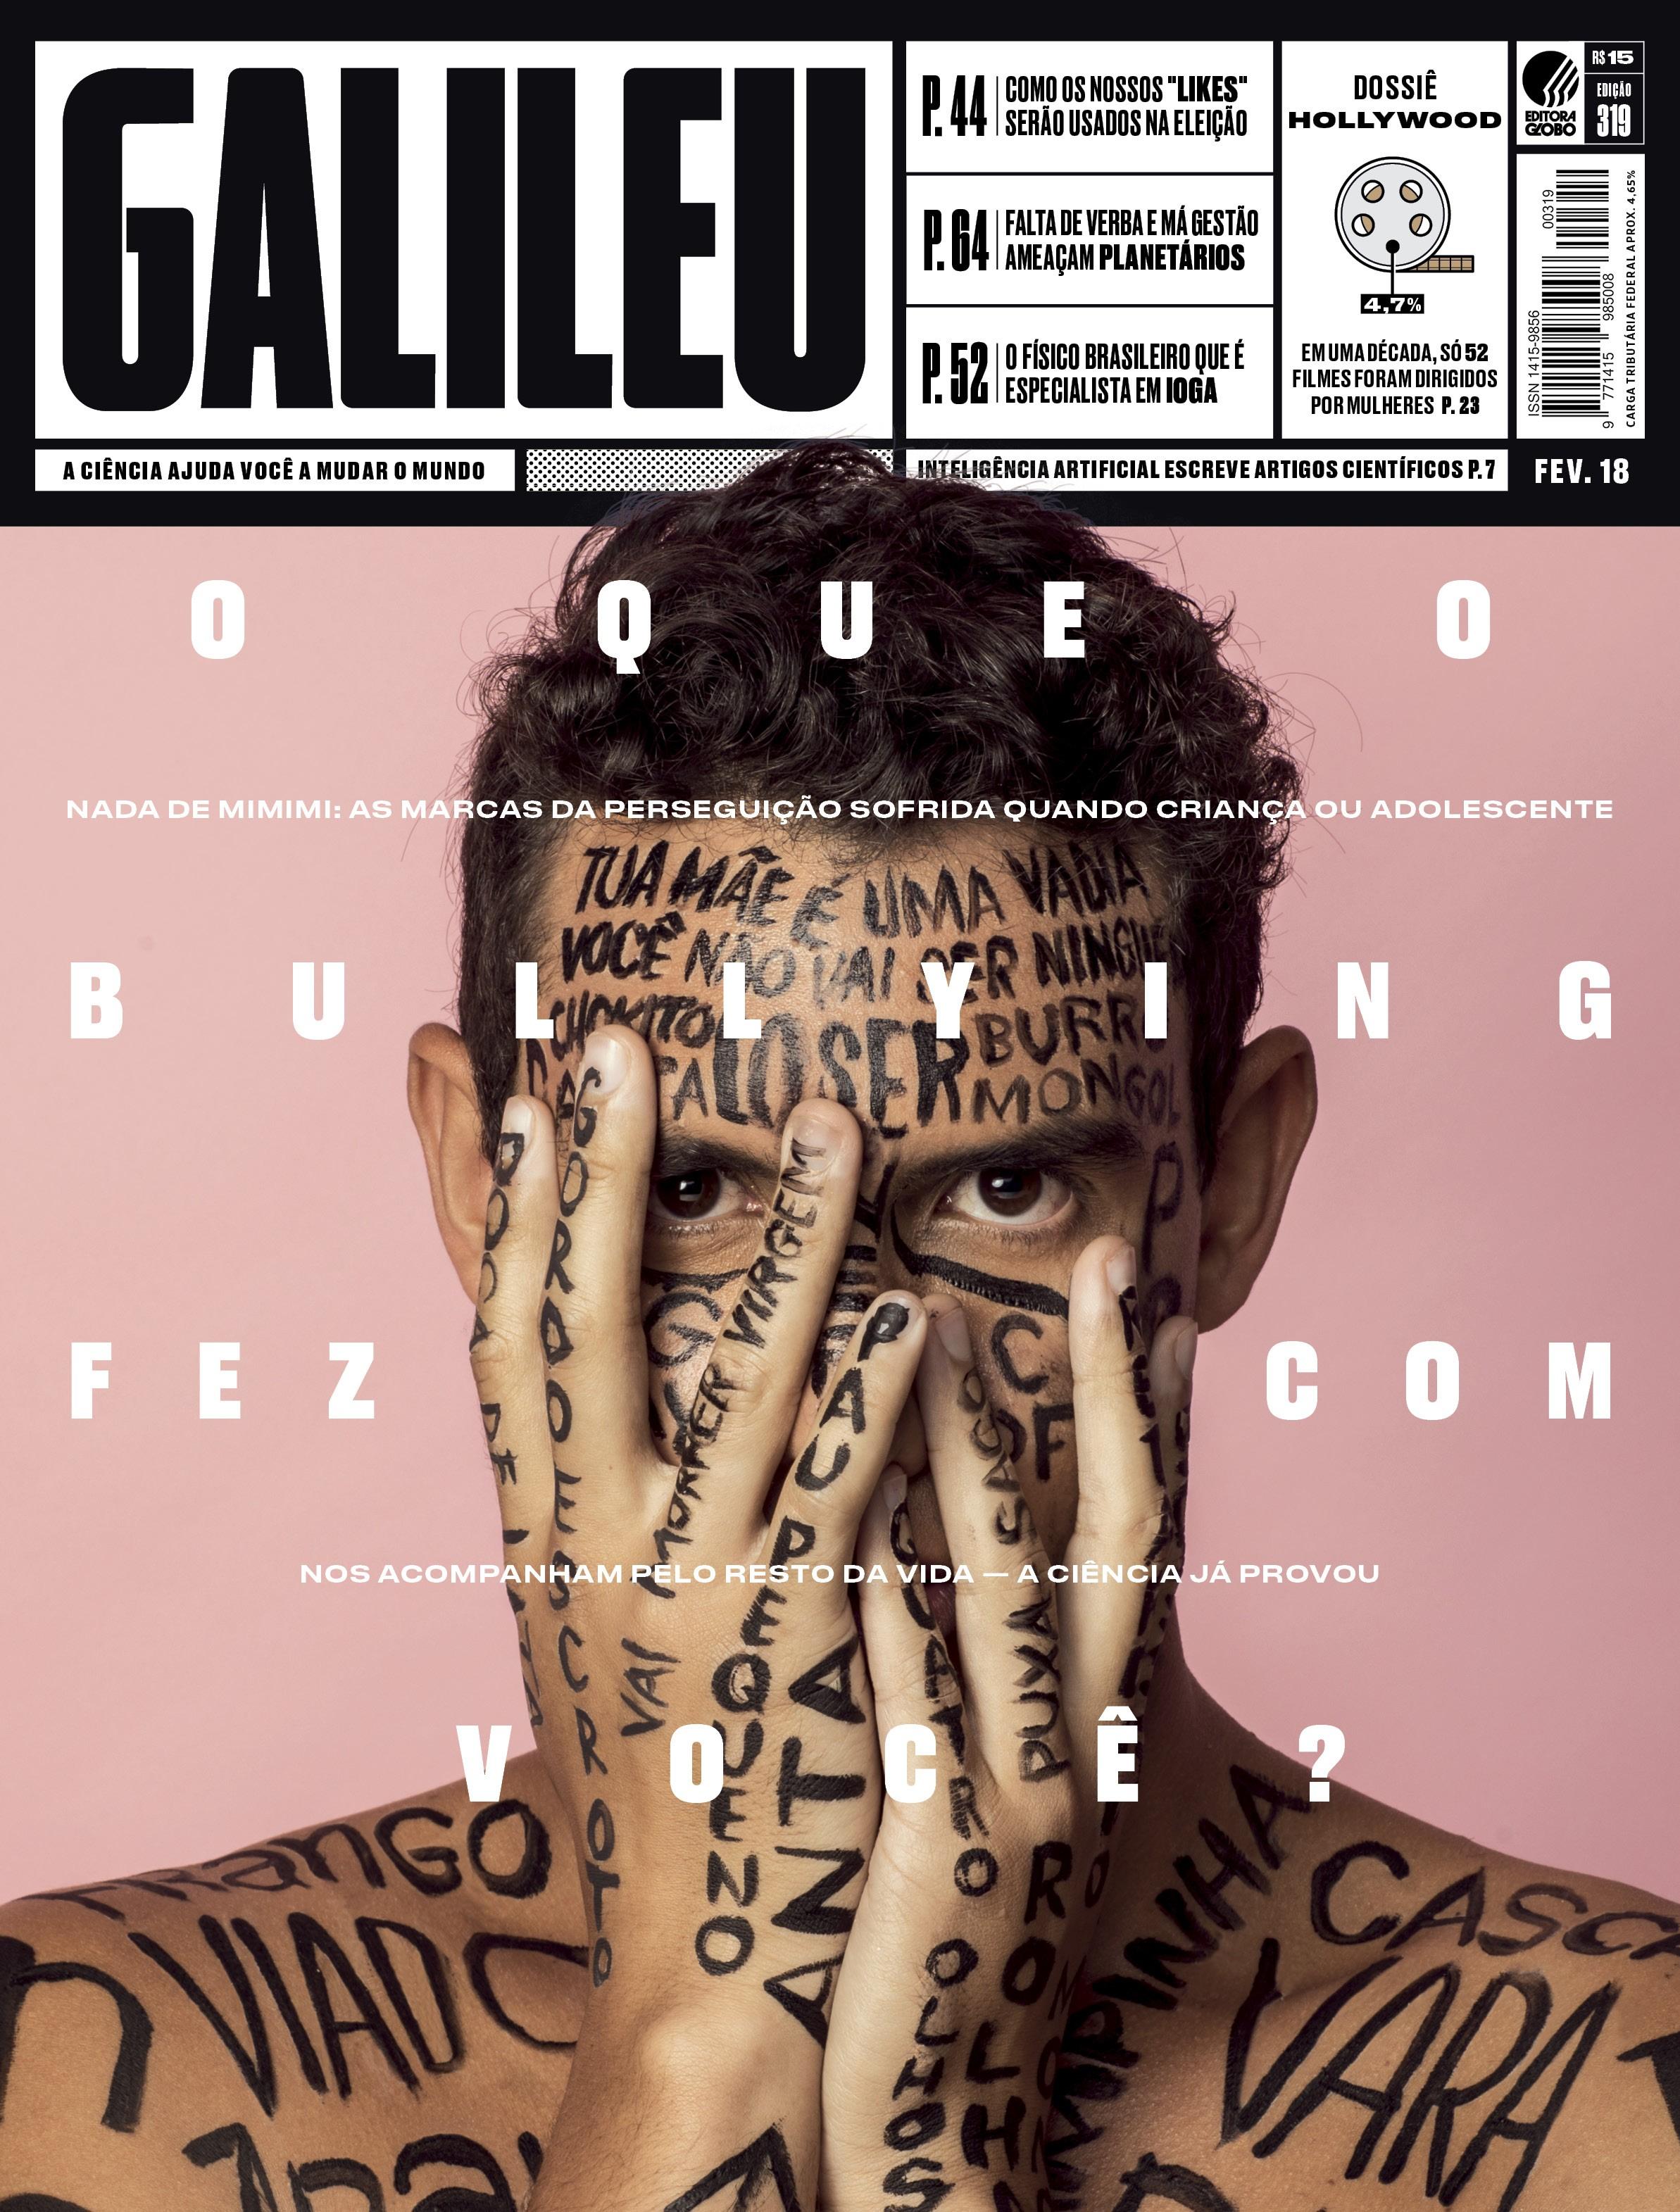 Capa da edição de fevereiro de 2018 da GALILEU (Foto: Foto Julia Rodrigues / Design Feu)